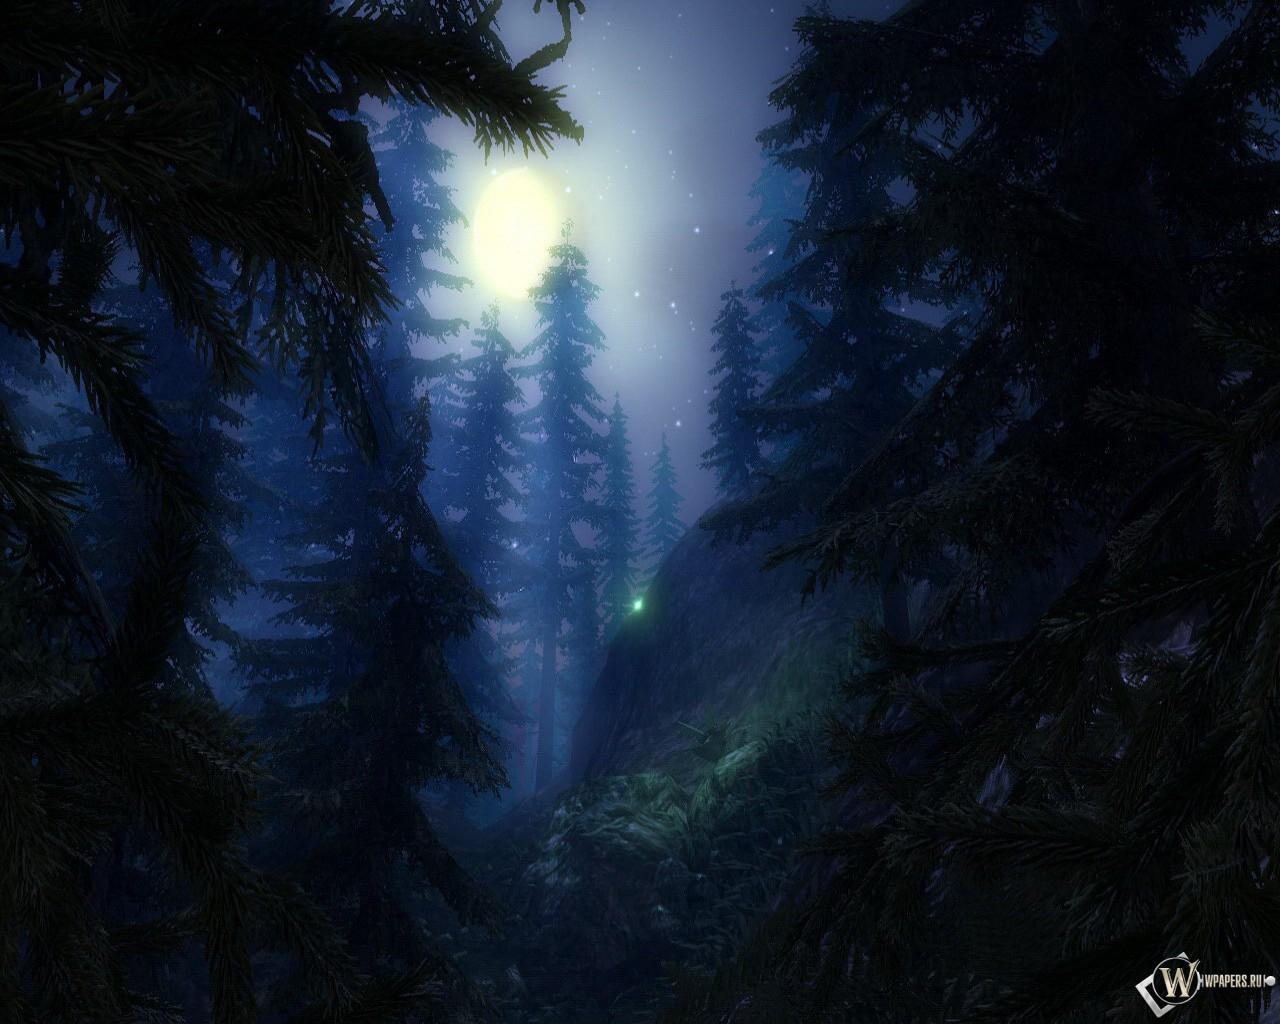 Лес лес обоев 261 луна обоев 84 звёзды